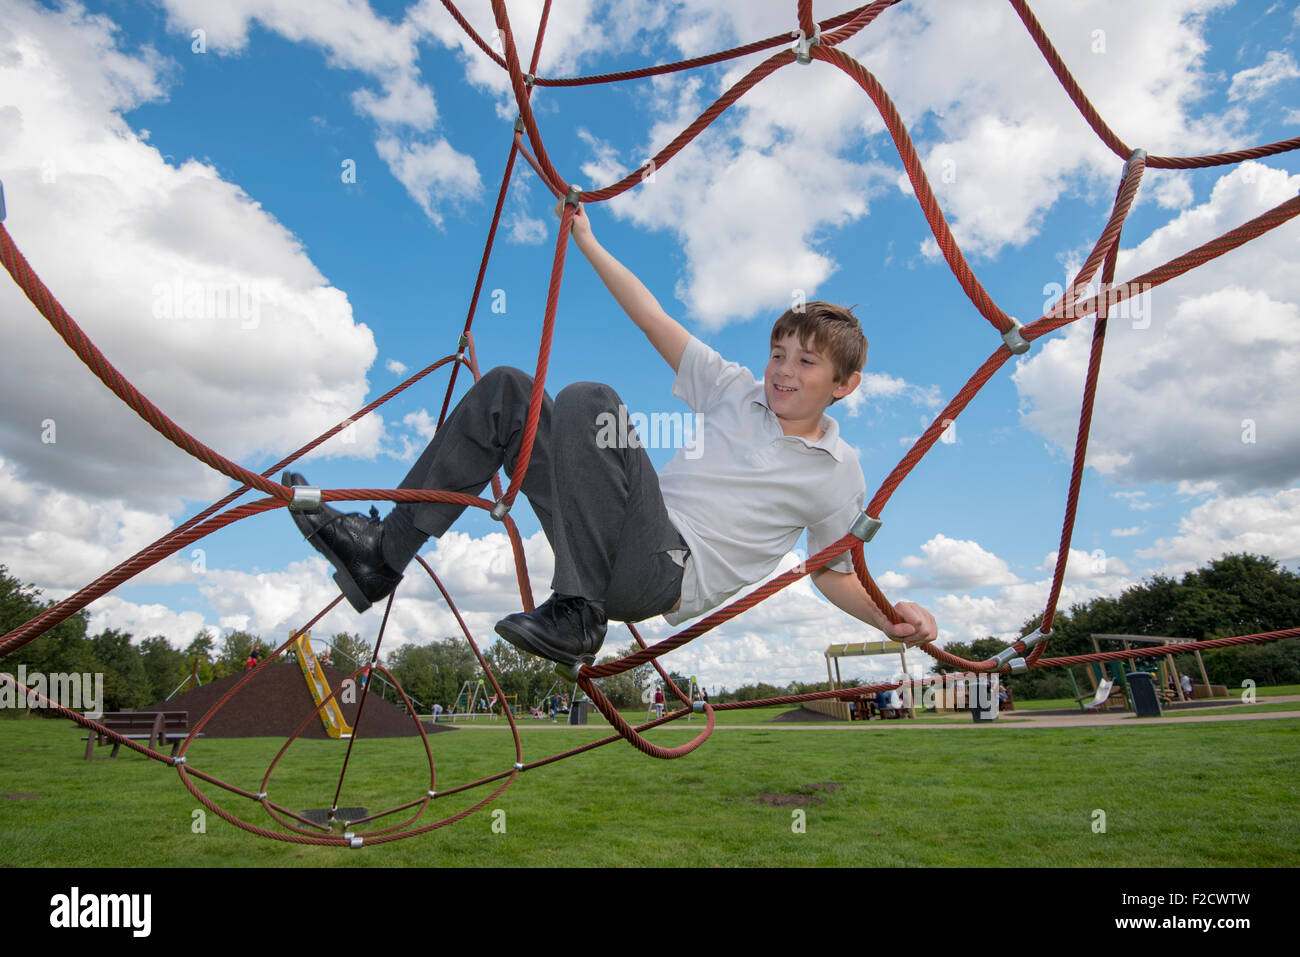 Klettergerüst Aus Seilen : Hangelgerüst und klettergerüst als spielgerät din en